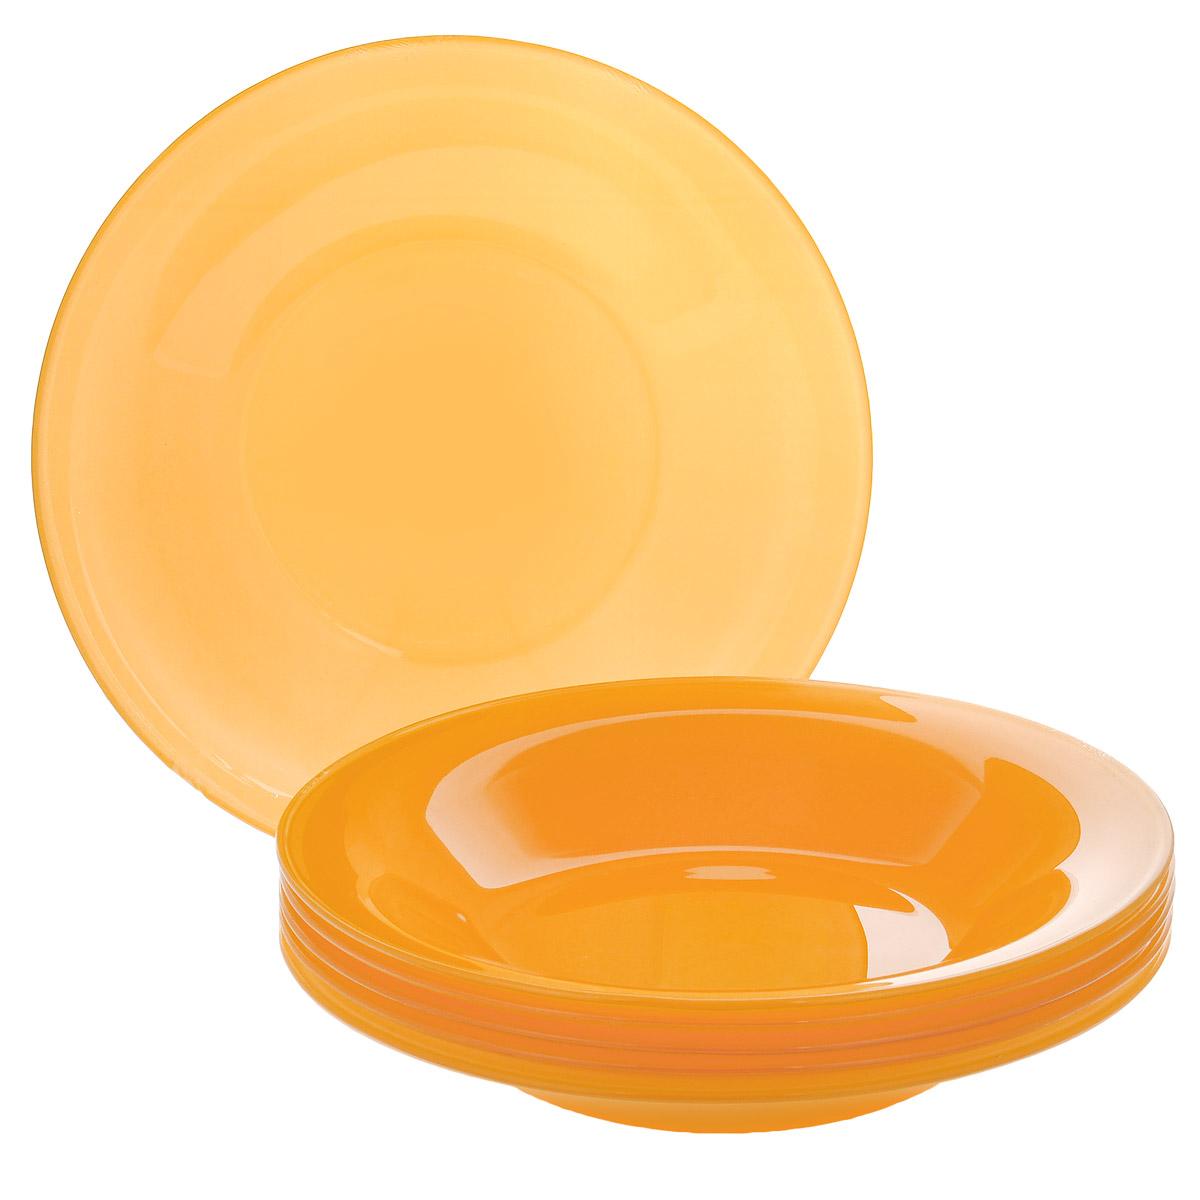 Набор глубоких тарелок, цвет: желтый, диаметр 19 см, 6 шт. Кт FSP75TFSP75T-T0935-1Набор тарелок, выполненный из высококачественного стекла, состоит из 6 глубоких тарелок. Они сочетают в себе изысканный дизайн с максимальной функциональностью. Оригинальность оформления тарелок придется по вкусу и ценителям классики, и тем, кто предпочитает утонченность и изящность. Набор тарелок послужит отличным подарком к любому празднику.